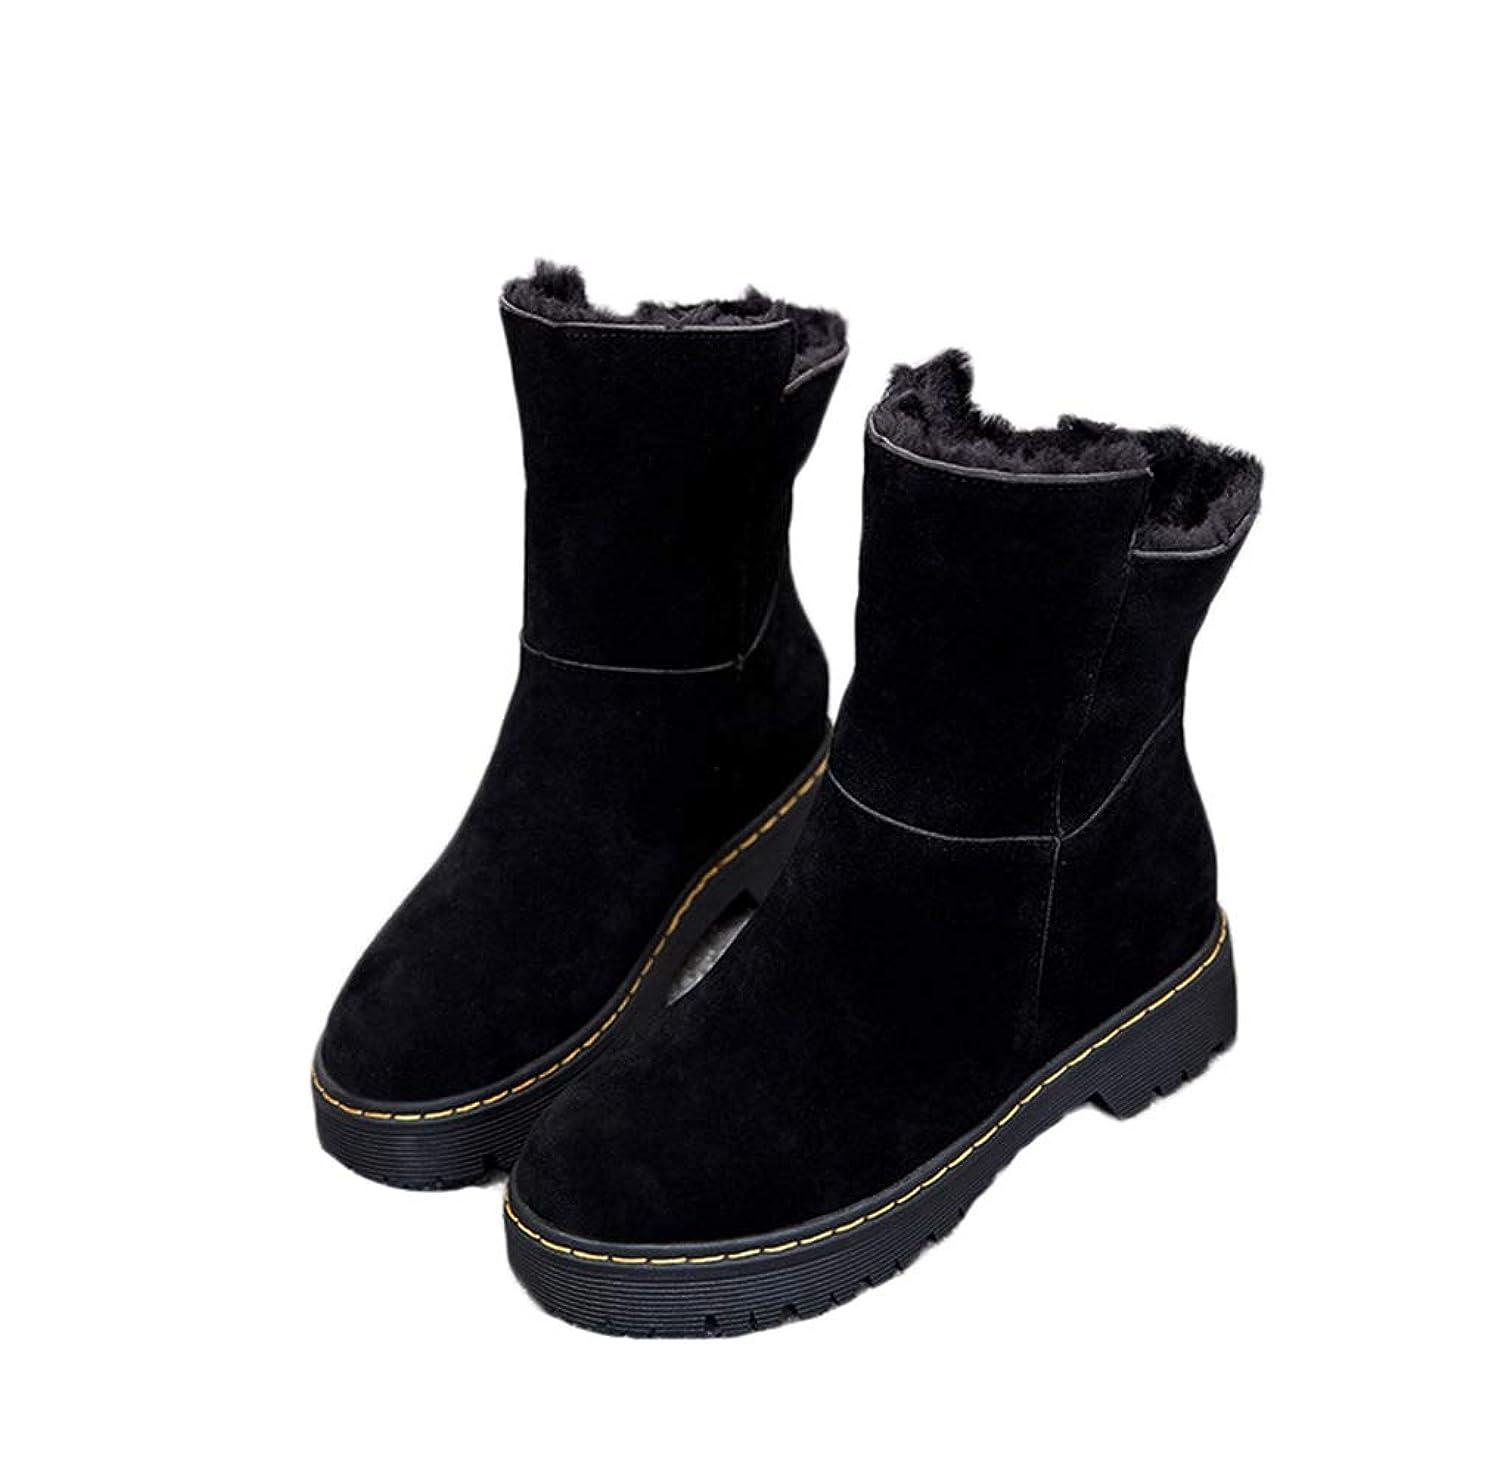 突然伝統的ヨーグルト[ツネユウシューズ] ショート丈 ファー ムートンブーツ レディース ムートン 靴 秋 冬 ショートブーツ やわらか あったか 保温 防寒 大きいサイズ 2way ショート 歩きやすい ブーツ 秋冬 暖か ボア ボアブーツ 冬ブーツ 25cm